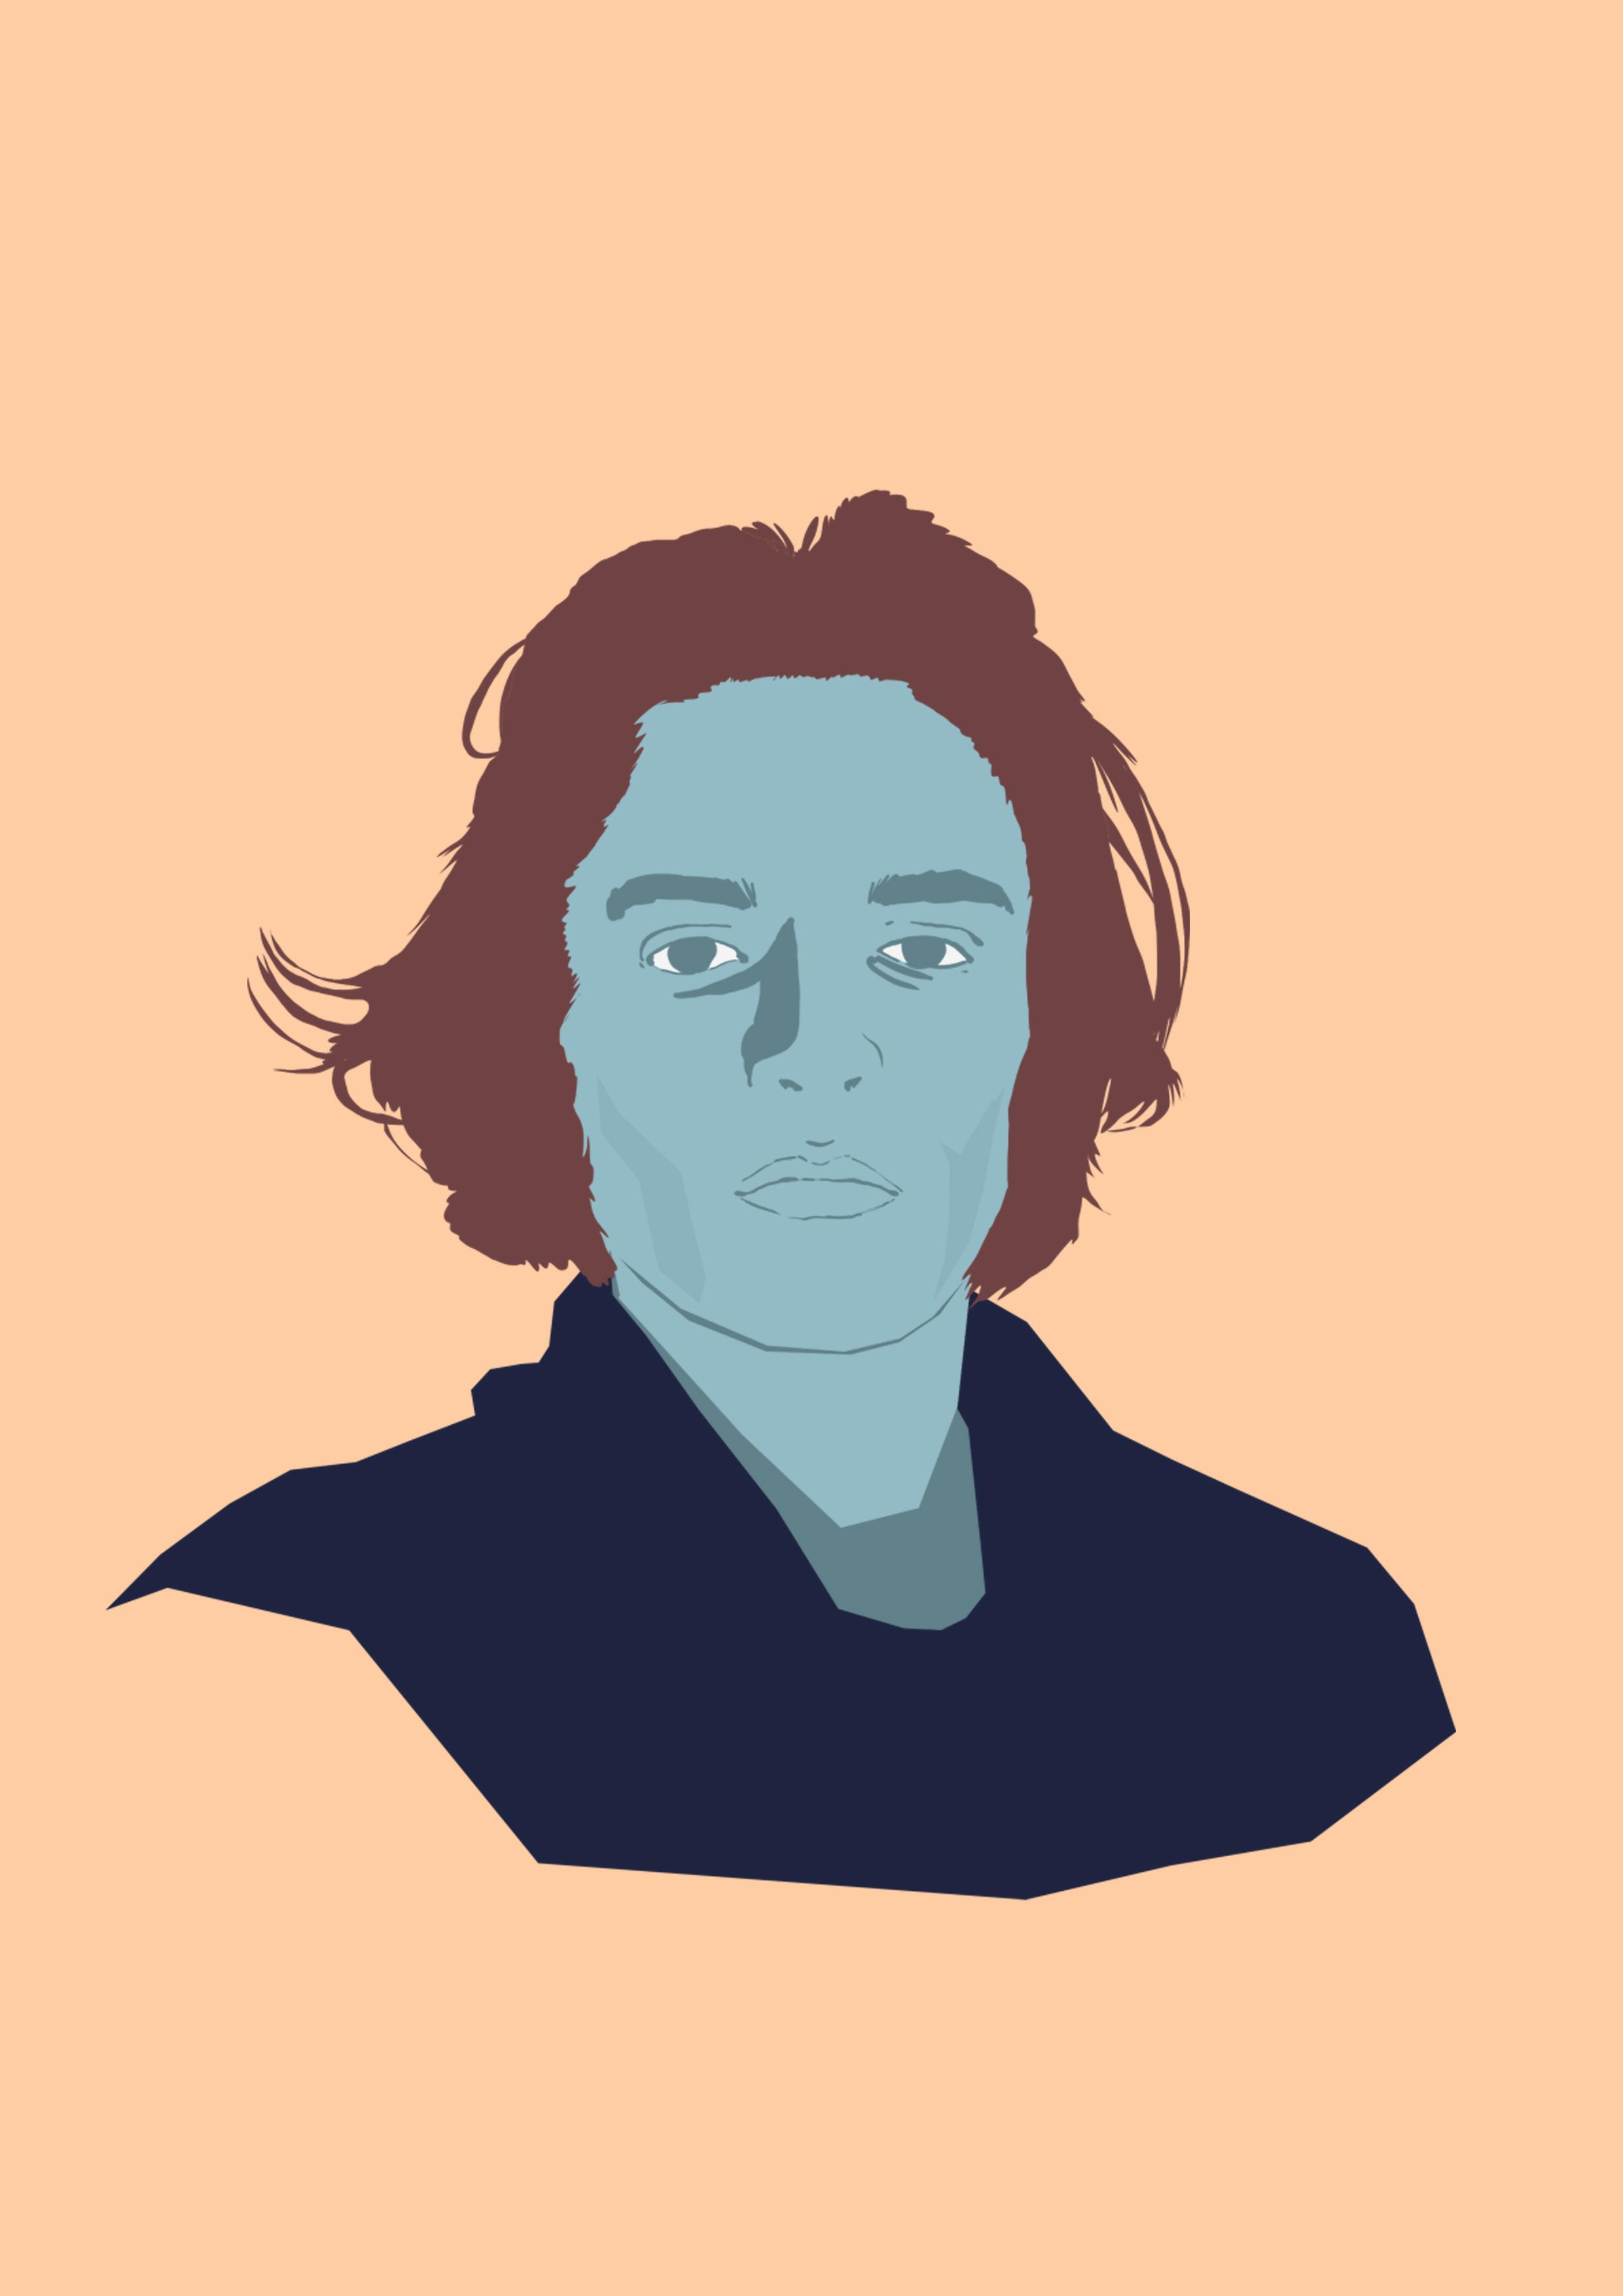 Louis Collet - Rédacteur en chef adjoint@kollet_saymoi